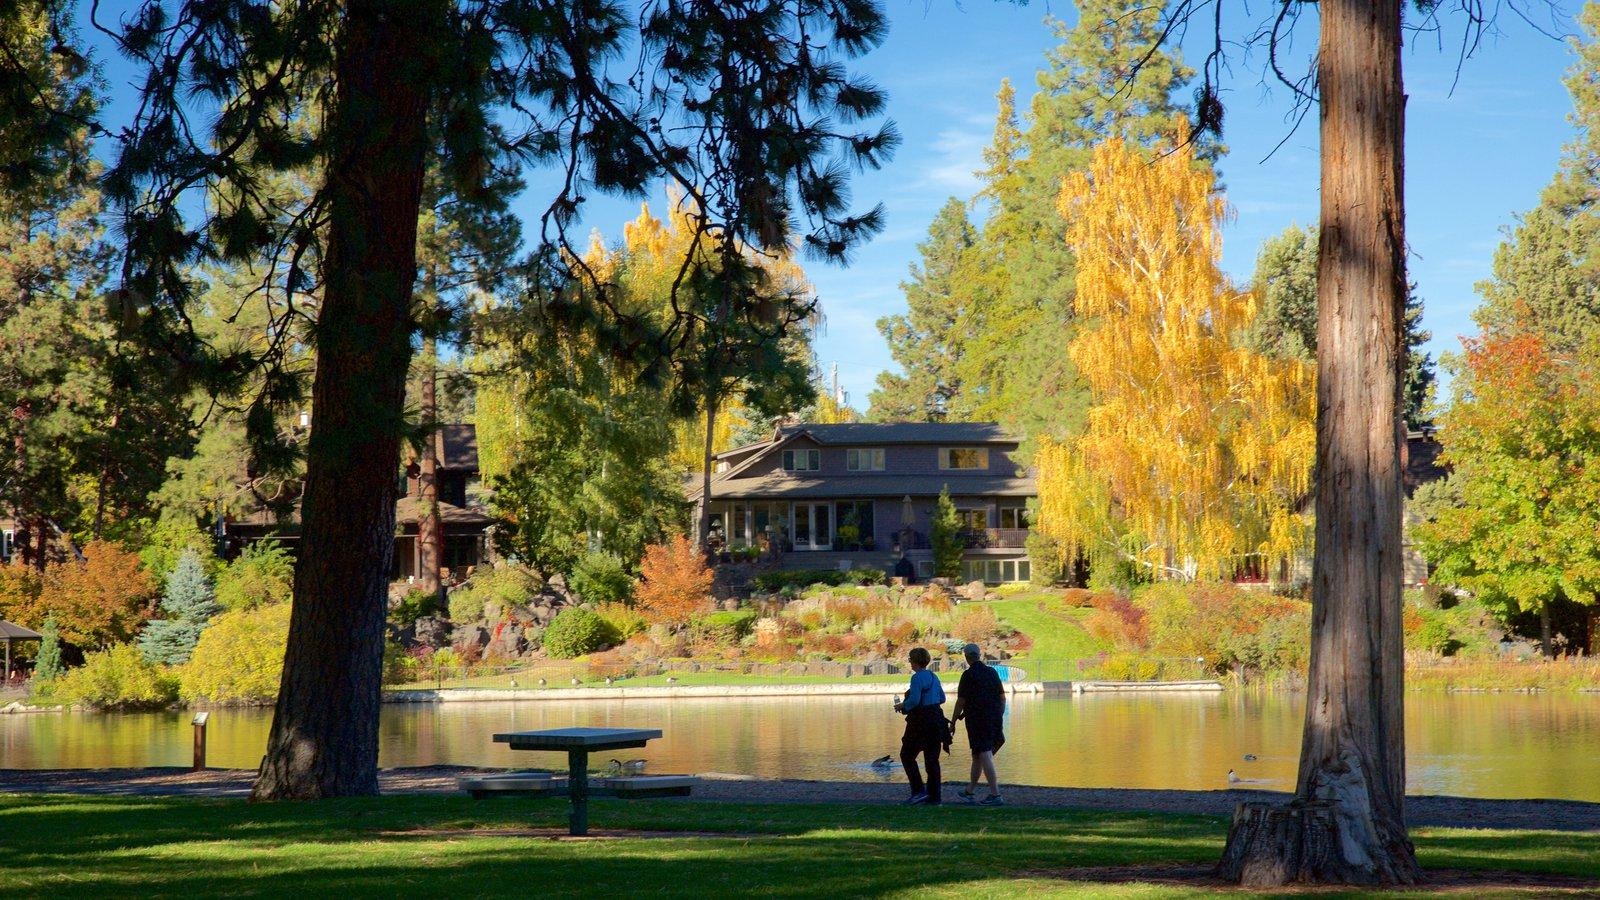 Drake Park mostrando un estanque, un parque y hojas de otoño